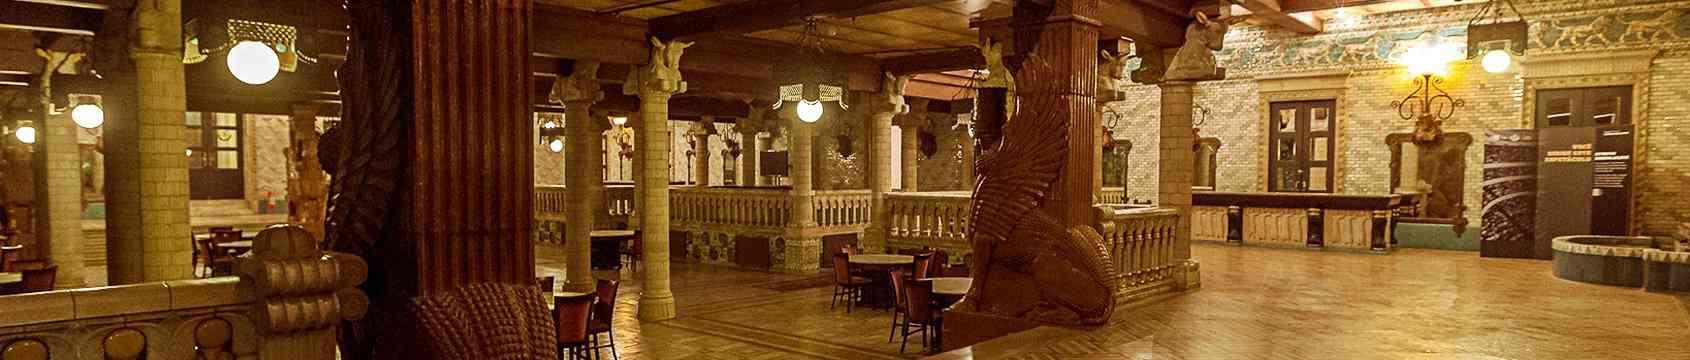 assyrio 1690x360 t 1 O curioso salão secreto do Theatro Municipal